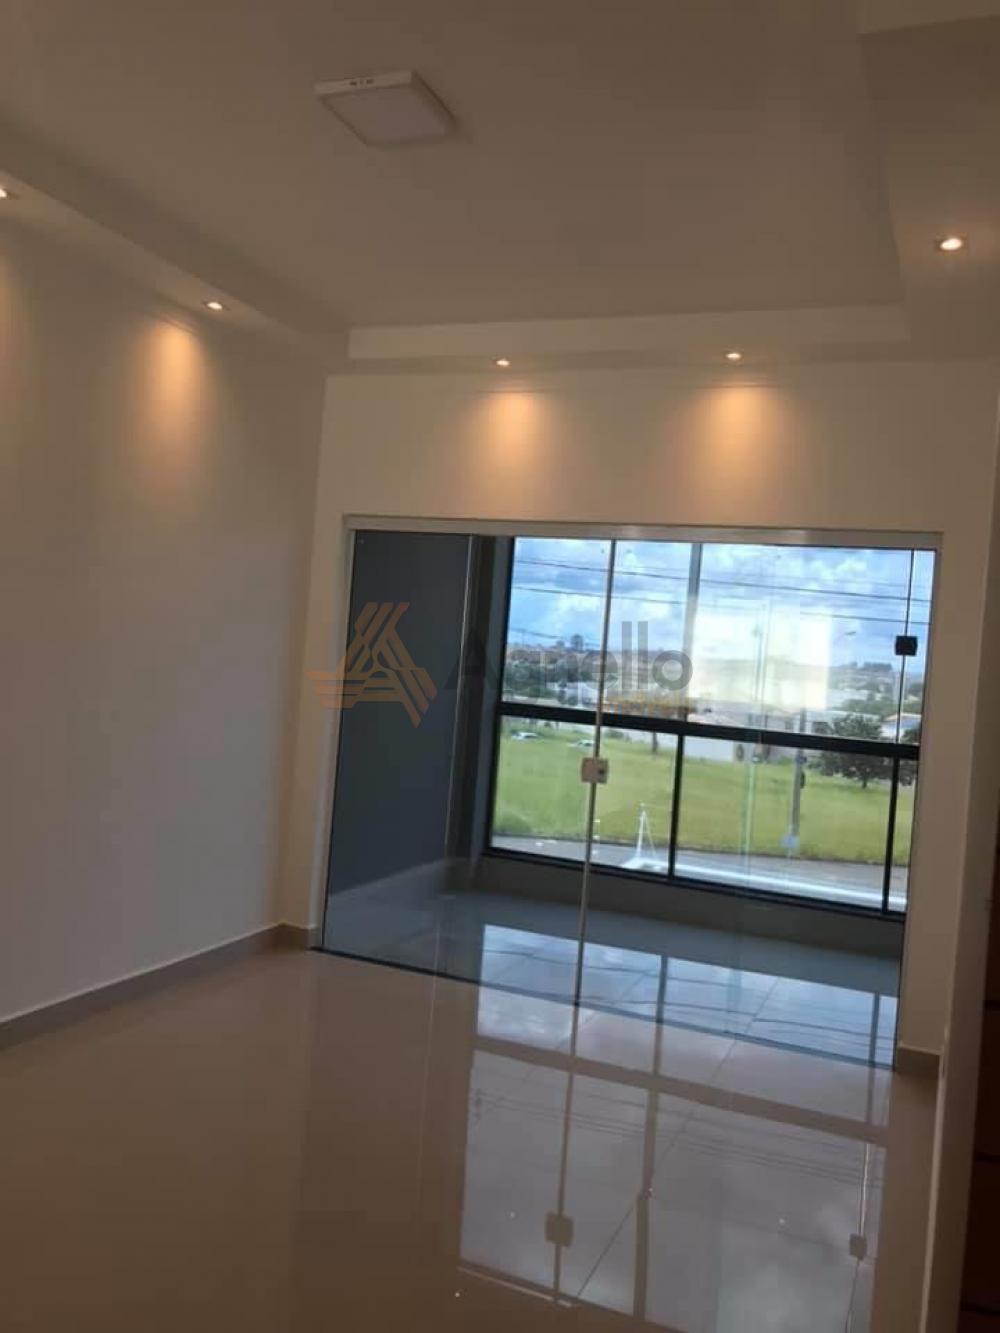 Comprar Apartamento / Padrão em Franca R$ 368.000,00 - Foto 2